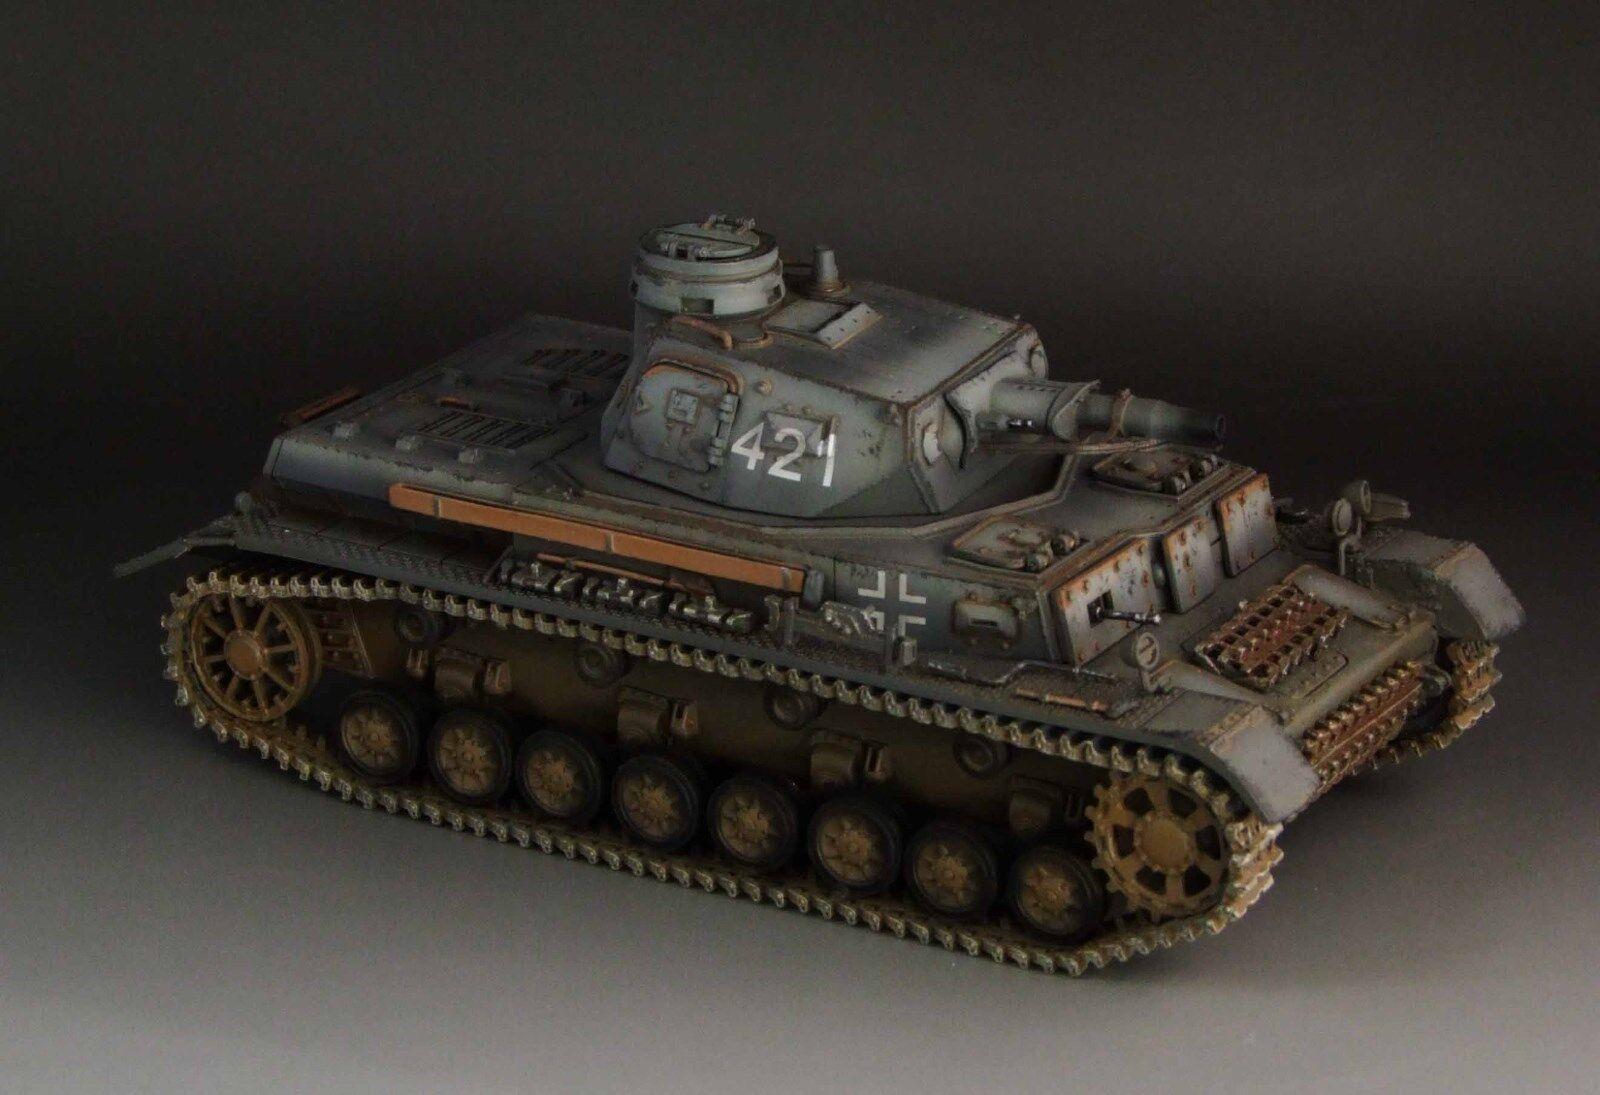 1 30 WW2 German Panzer IV Ausf D. Grey version No. 421